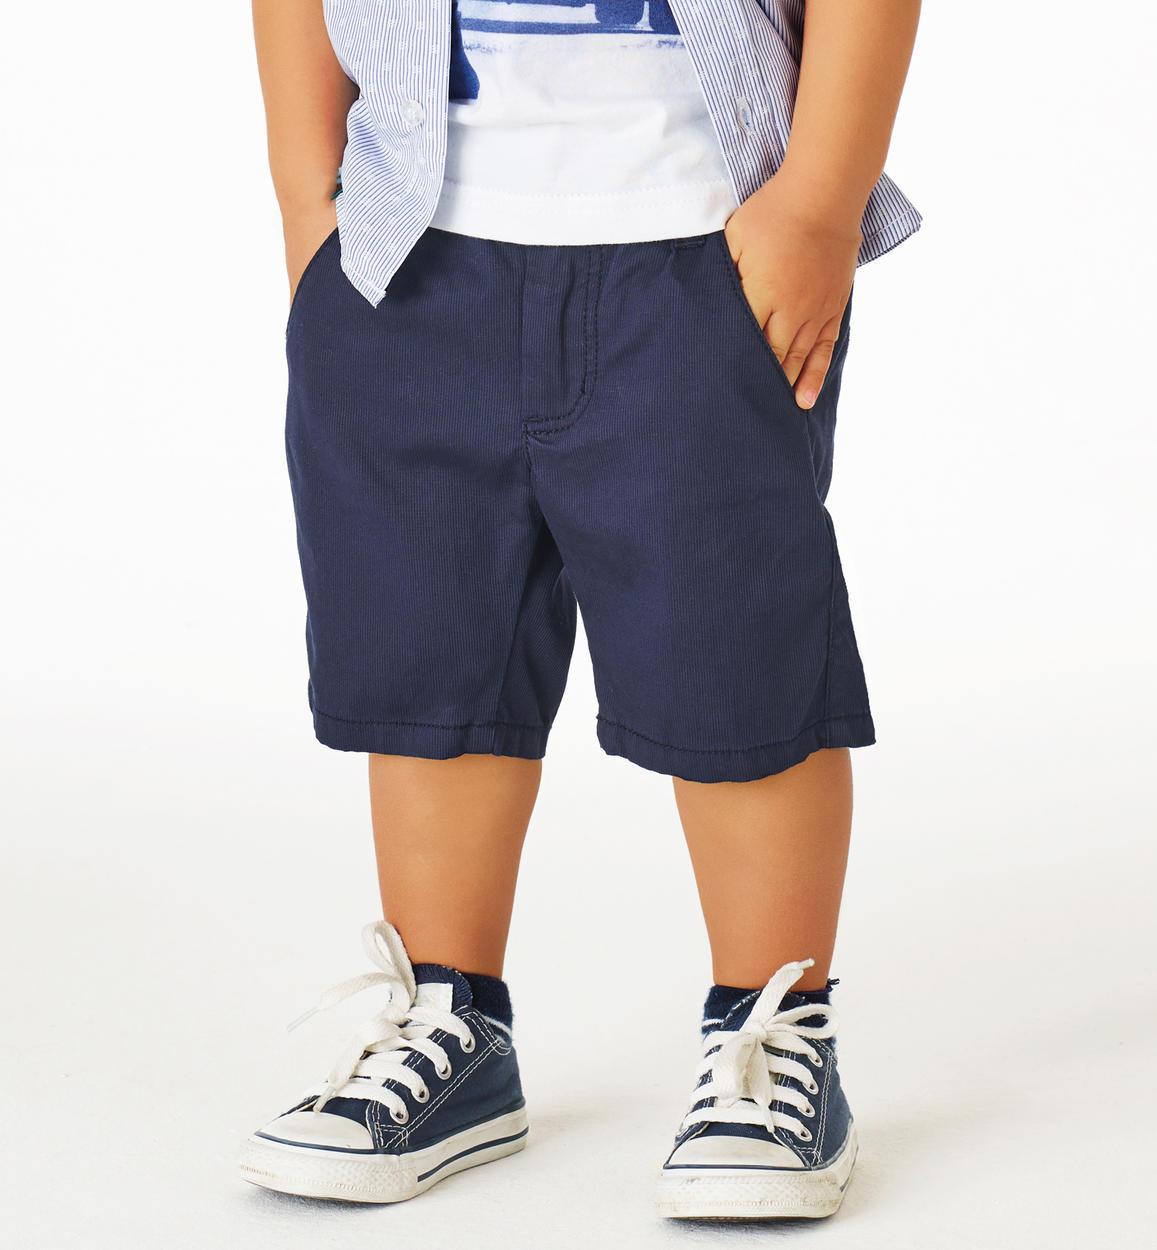 d842eb3ae5 Pantalone corto in piquet stretch di cotone effetto righina verticale per  bambino da 6 mesi a 7 anni Sarabanda